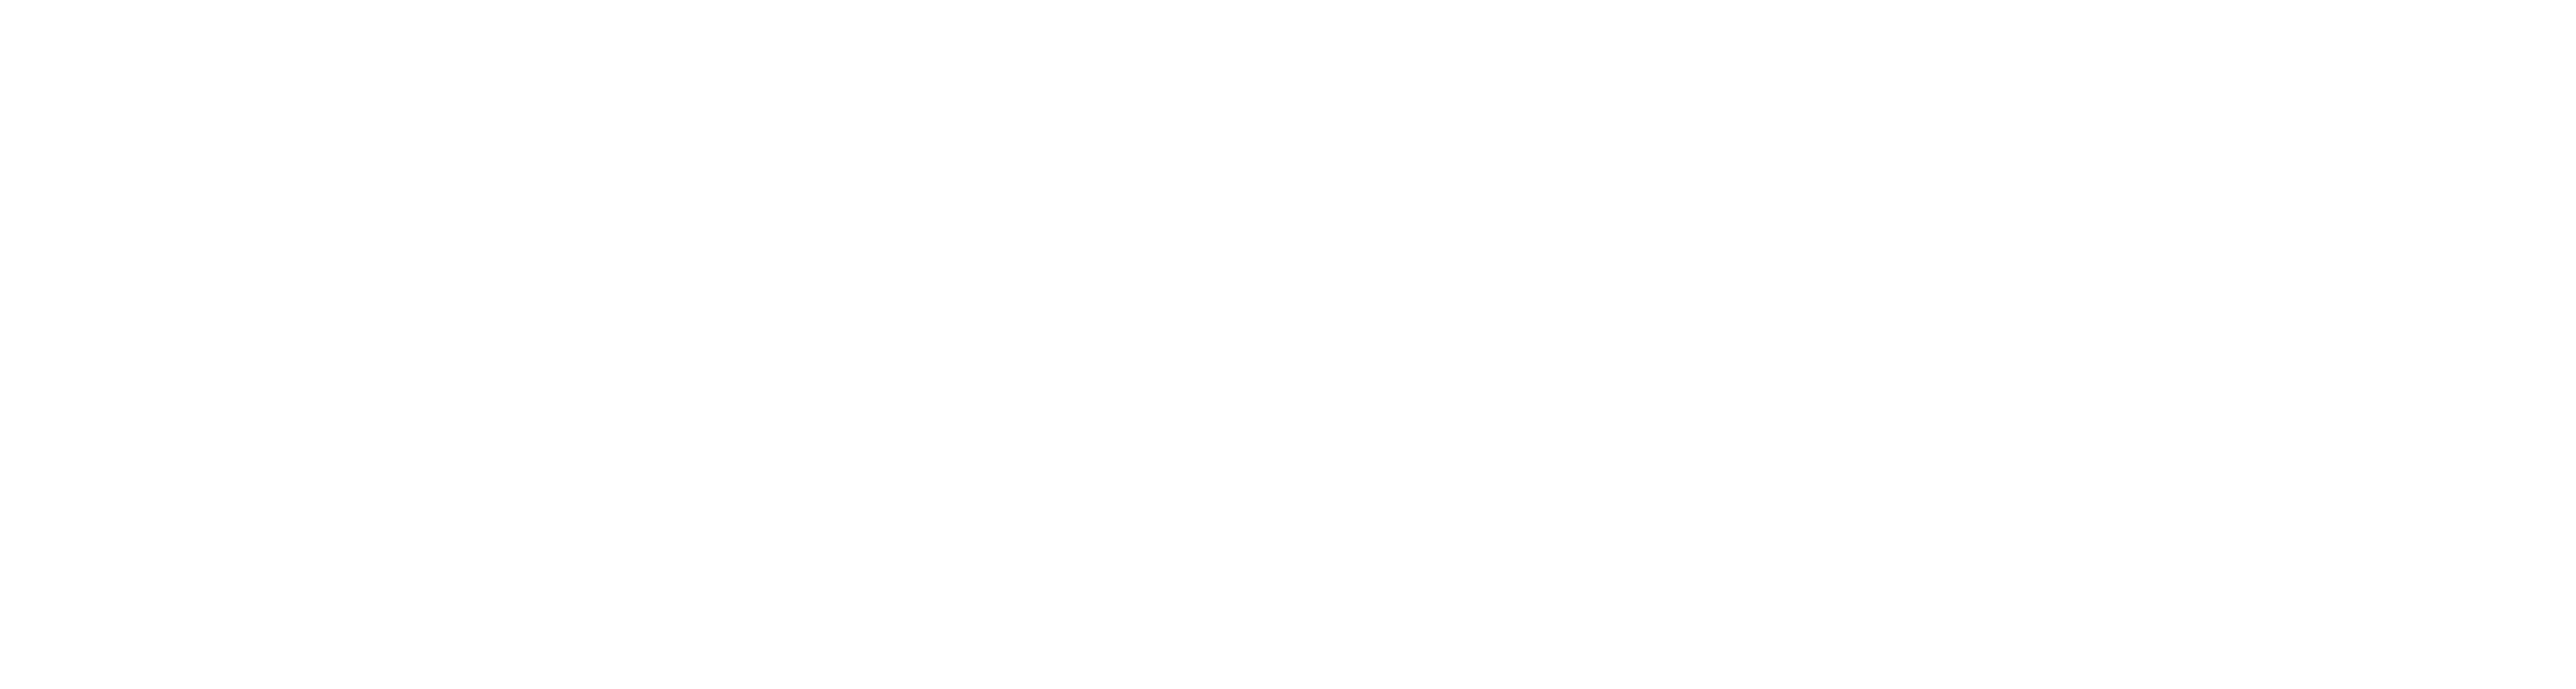 Deudai